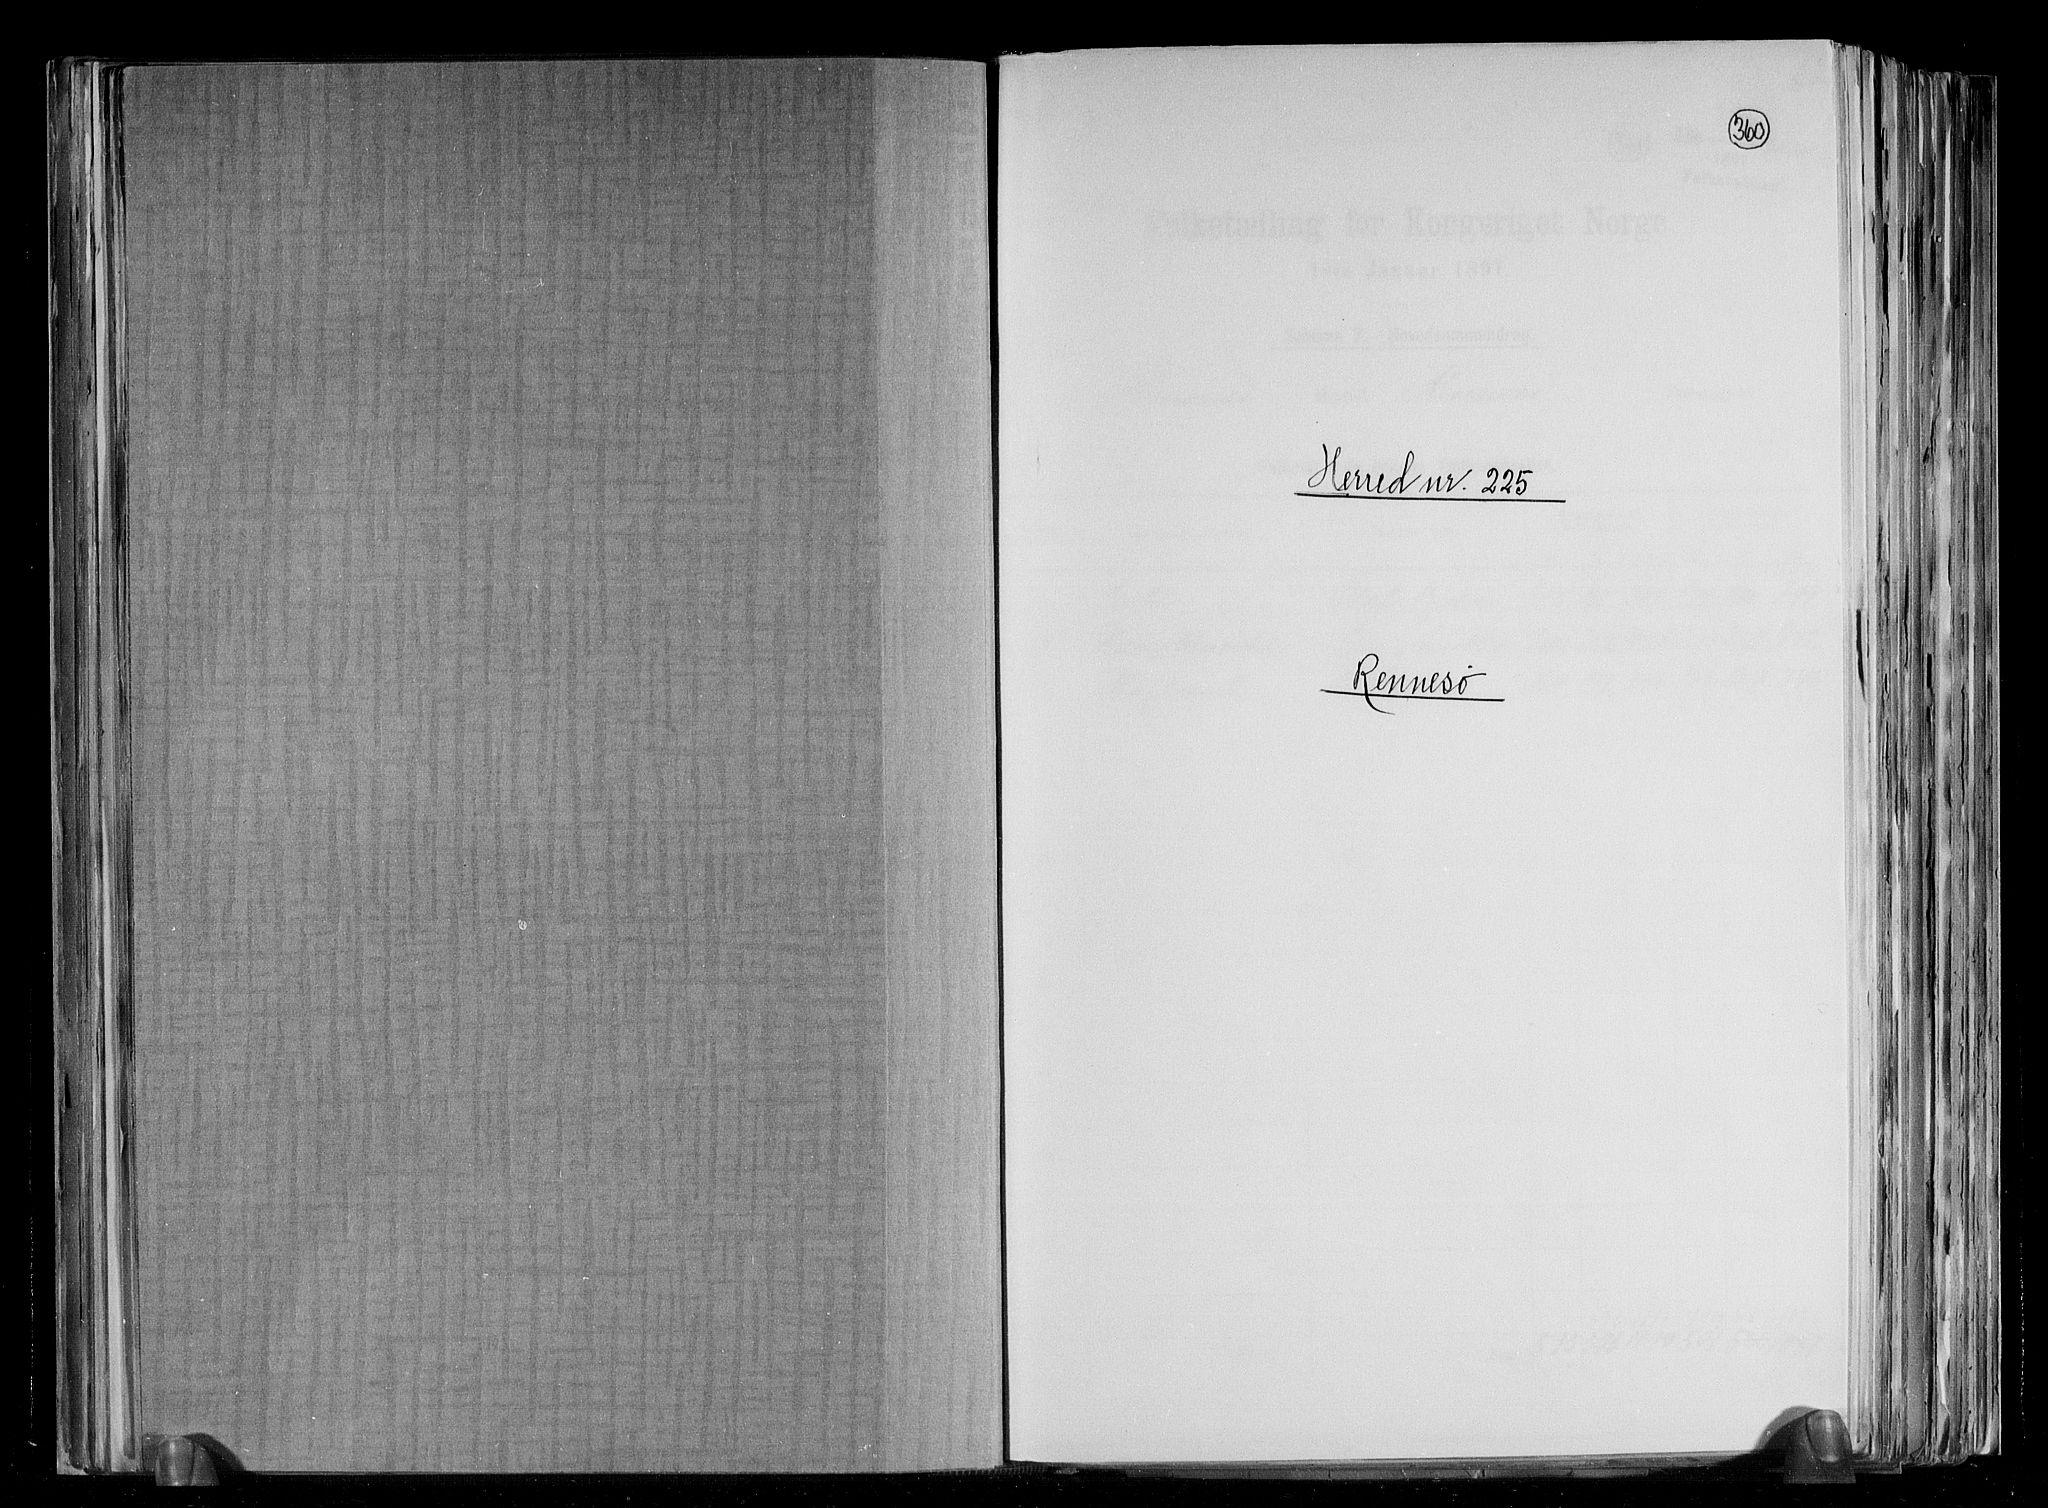 RA, Folketelling 1891 for 1142 Rennesøy herred, 1891, s. 1